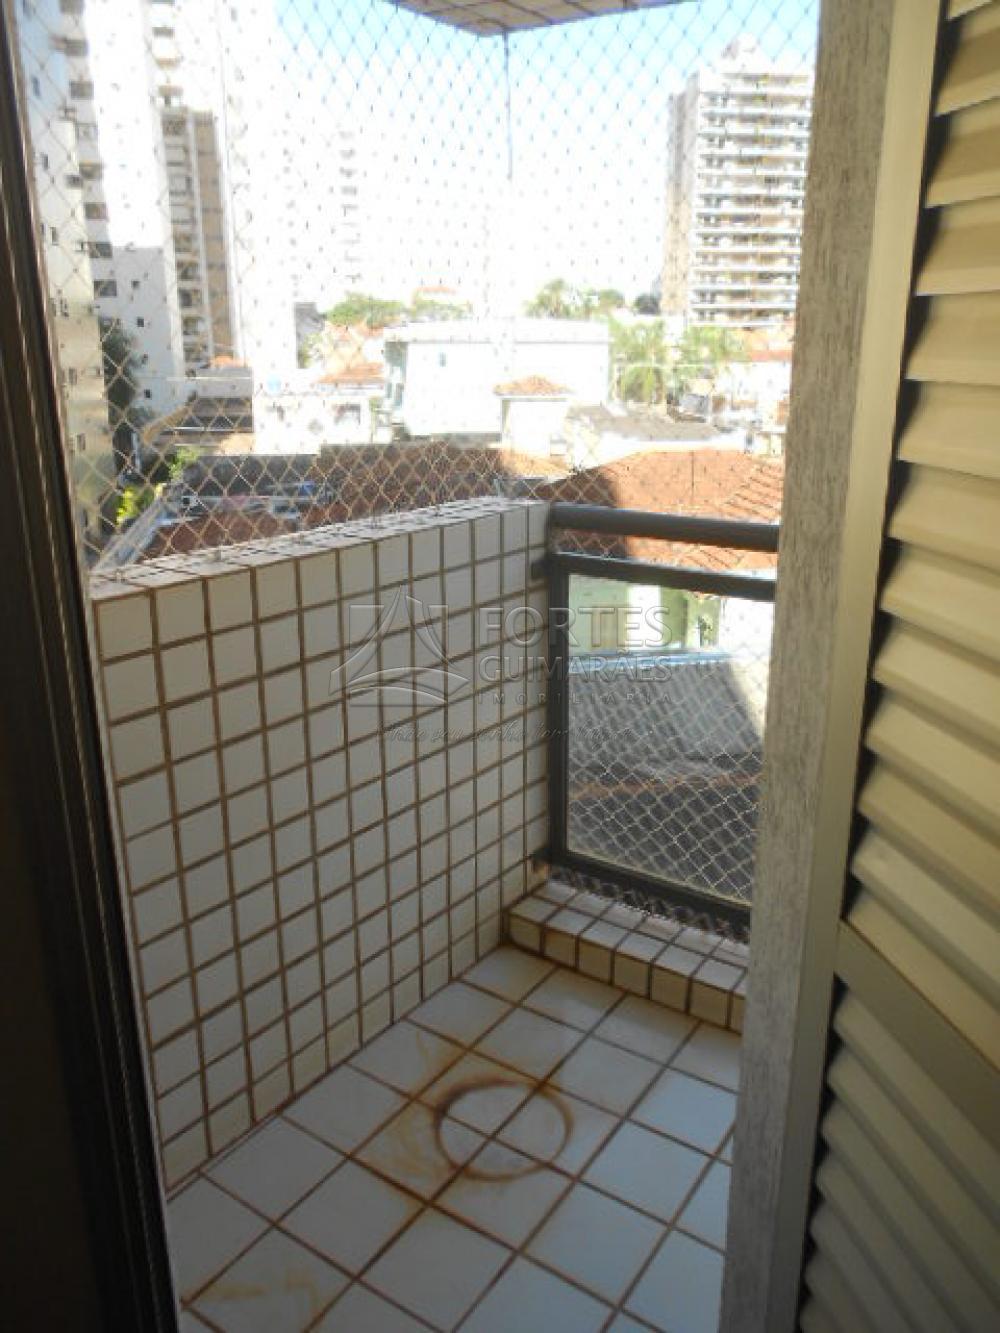 Alugar Apartamentos / Padrão em Ribeirão Preto apenas R$ 1.200,00 - Foto 16